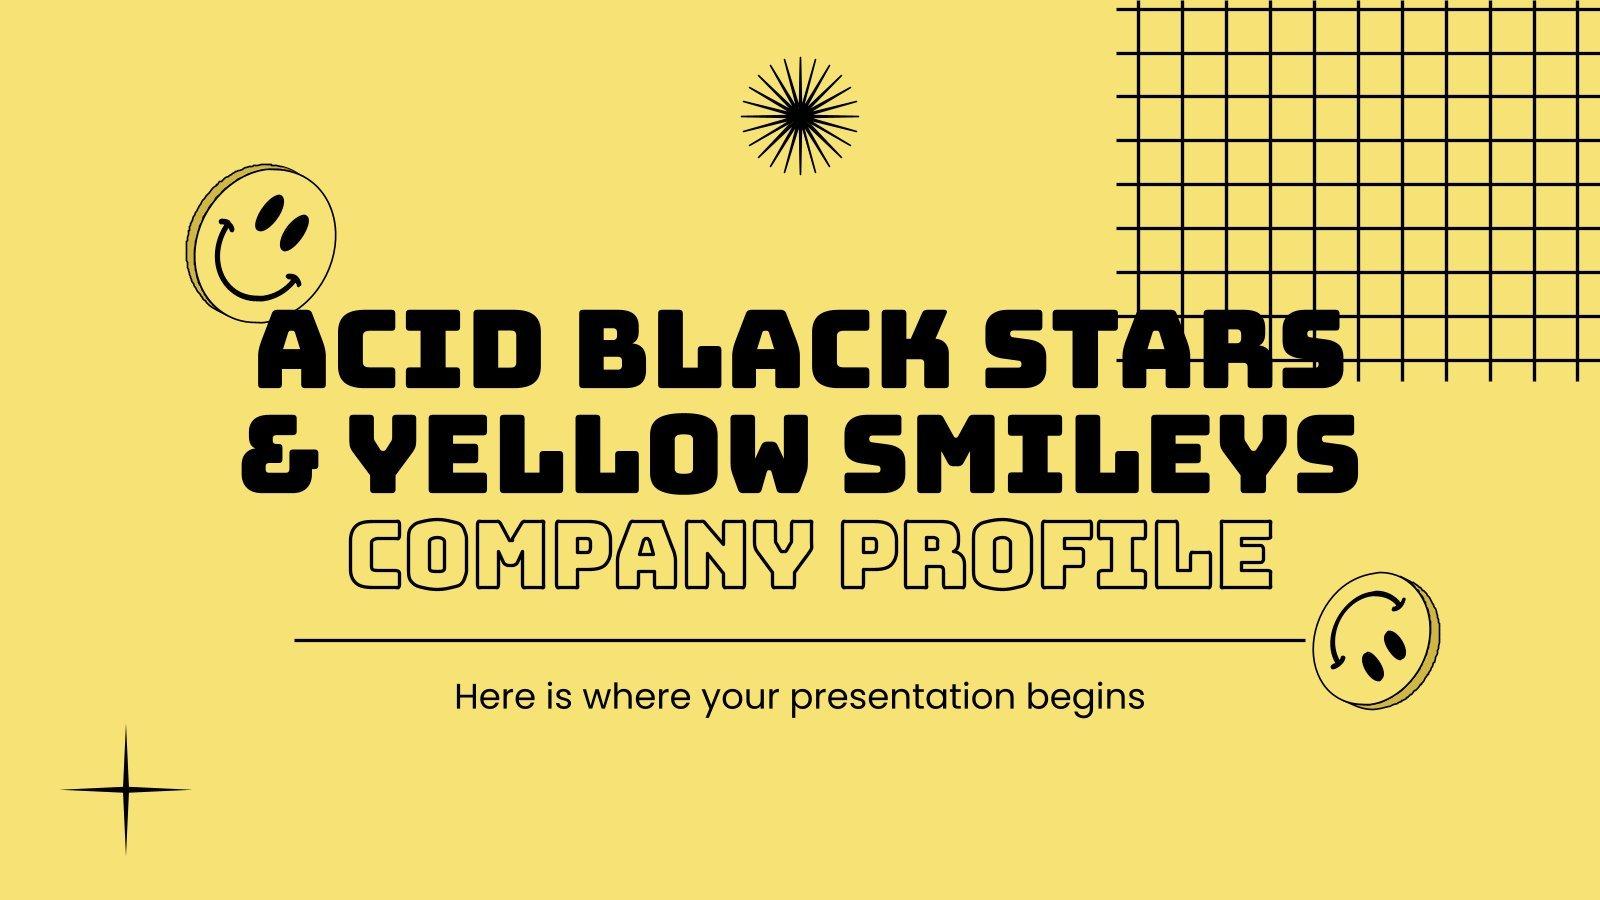 Modelo de apresentação Perfil da empresa com sorrisos amarelos e estrelas pretas